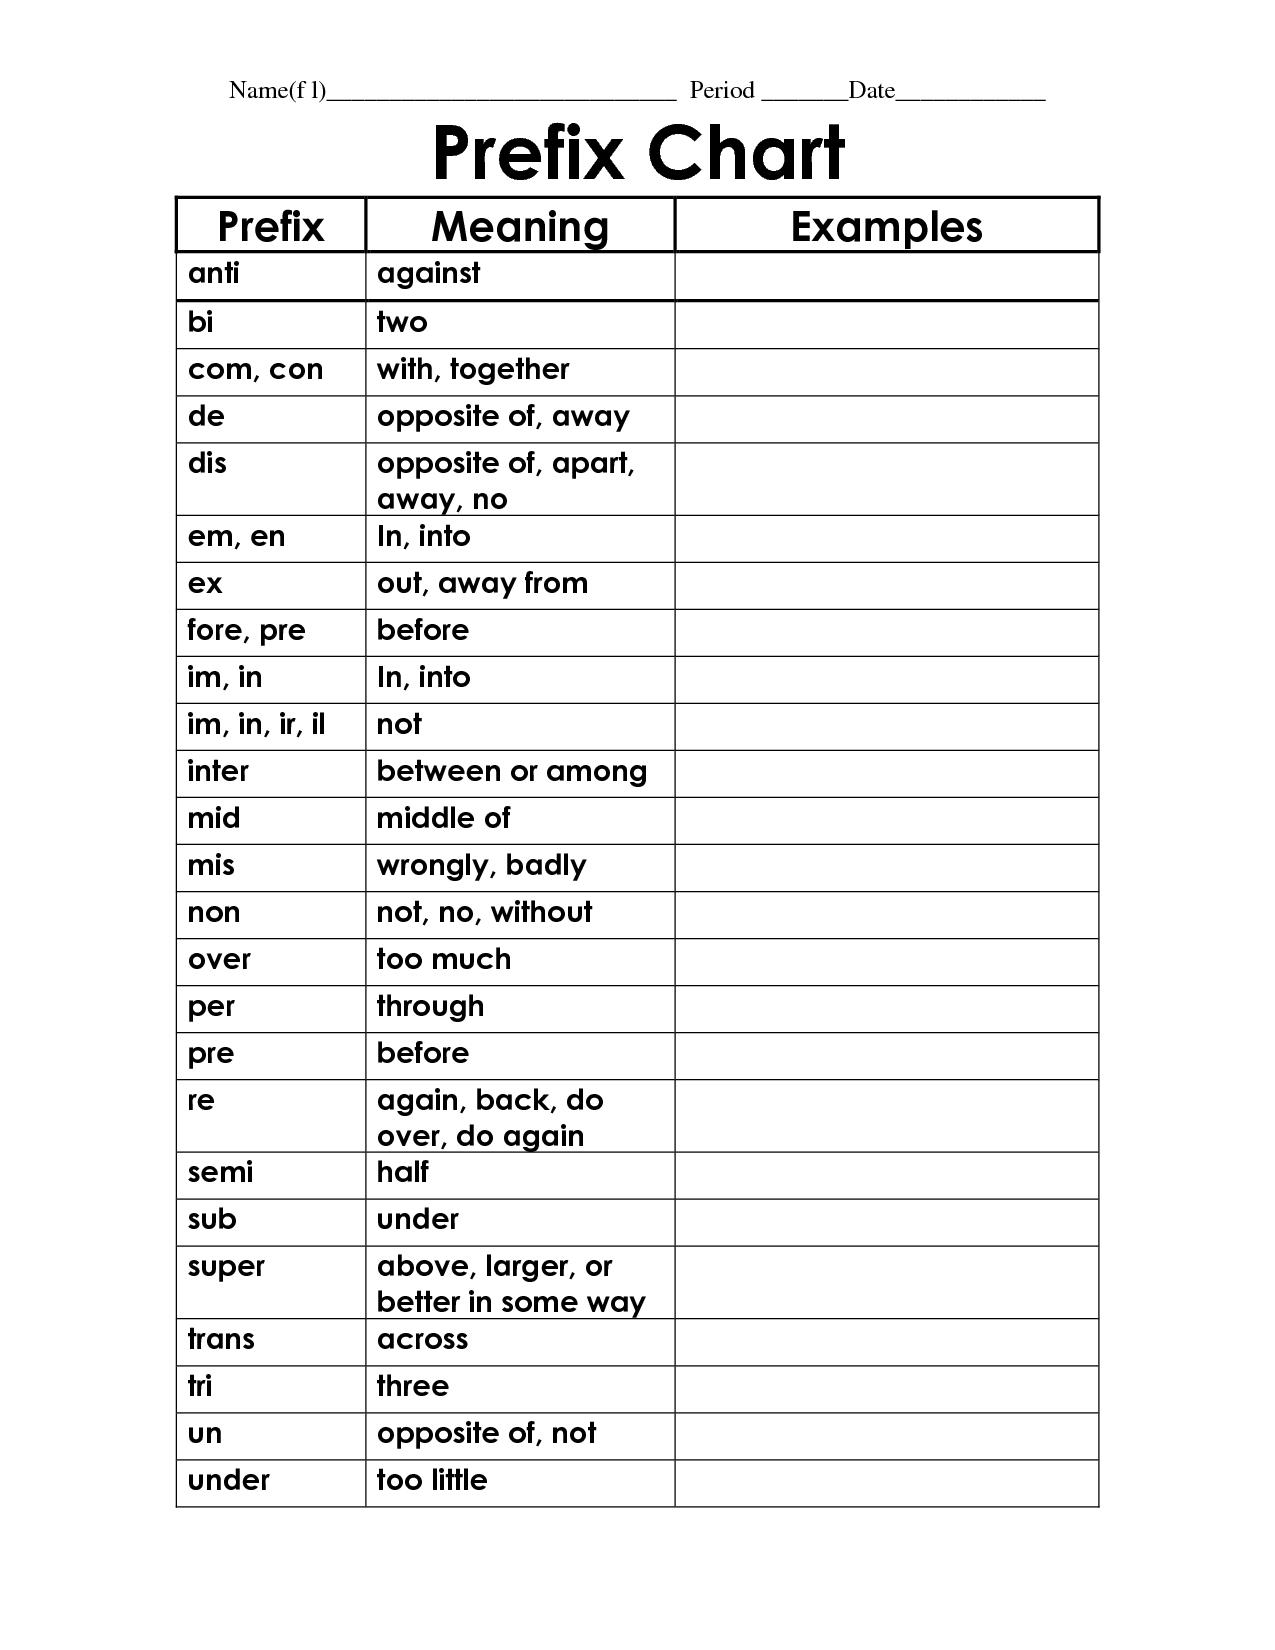 medium resolution of prefix anchor chart printable   Prefix Chart Name f l Period PRINT!!    Prefixes and suffixes